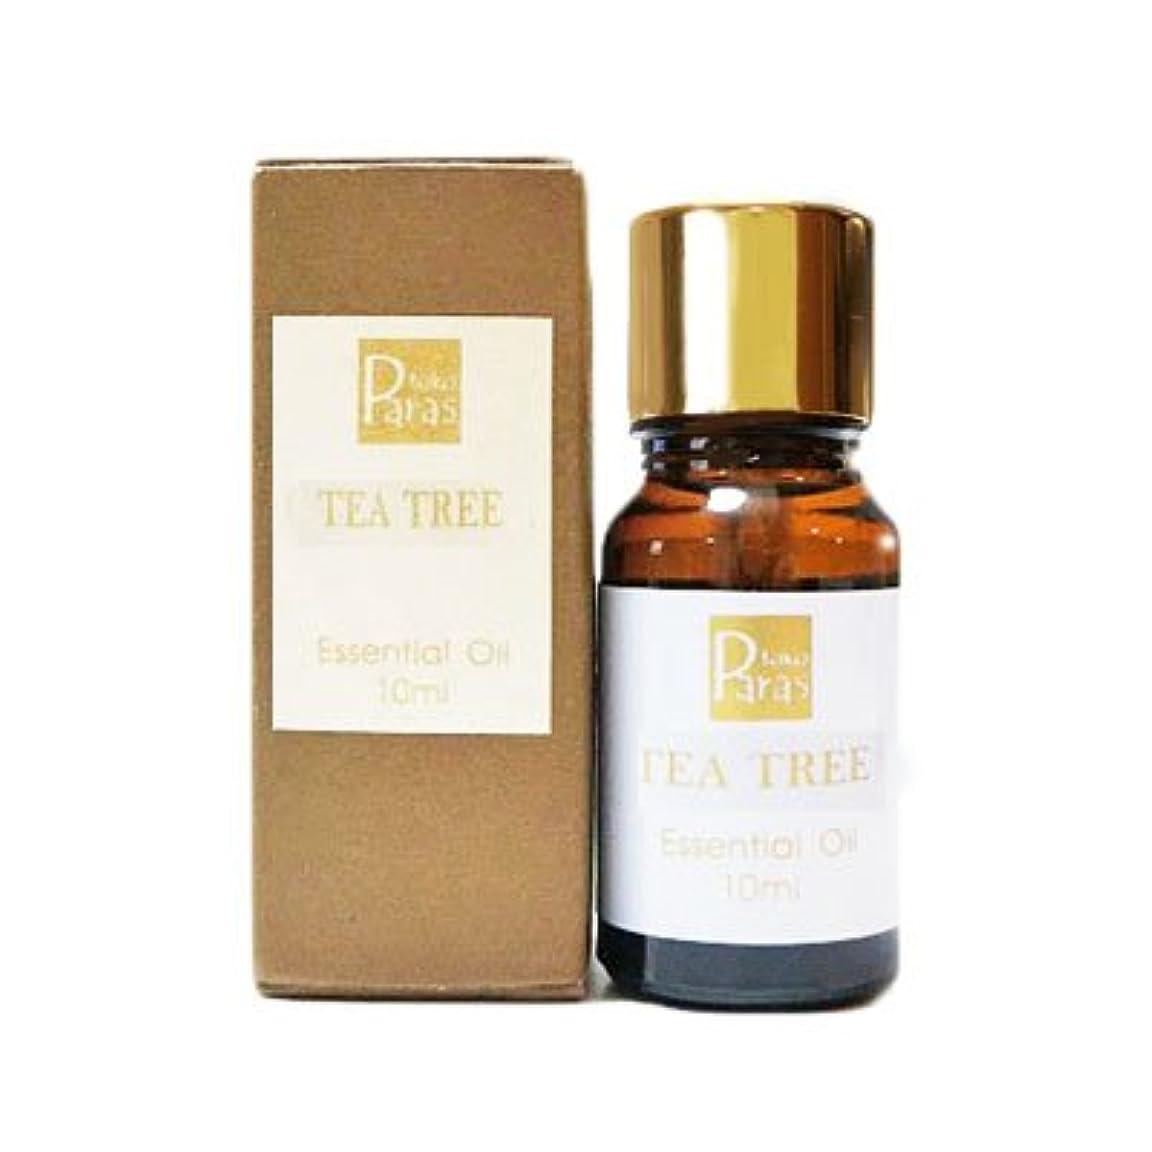 Tea Tree ティーツリー【トコパラス TOKO PARAS】 バリ島 エッセンシャルオイル 精油 天然アロマオイル